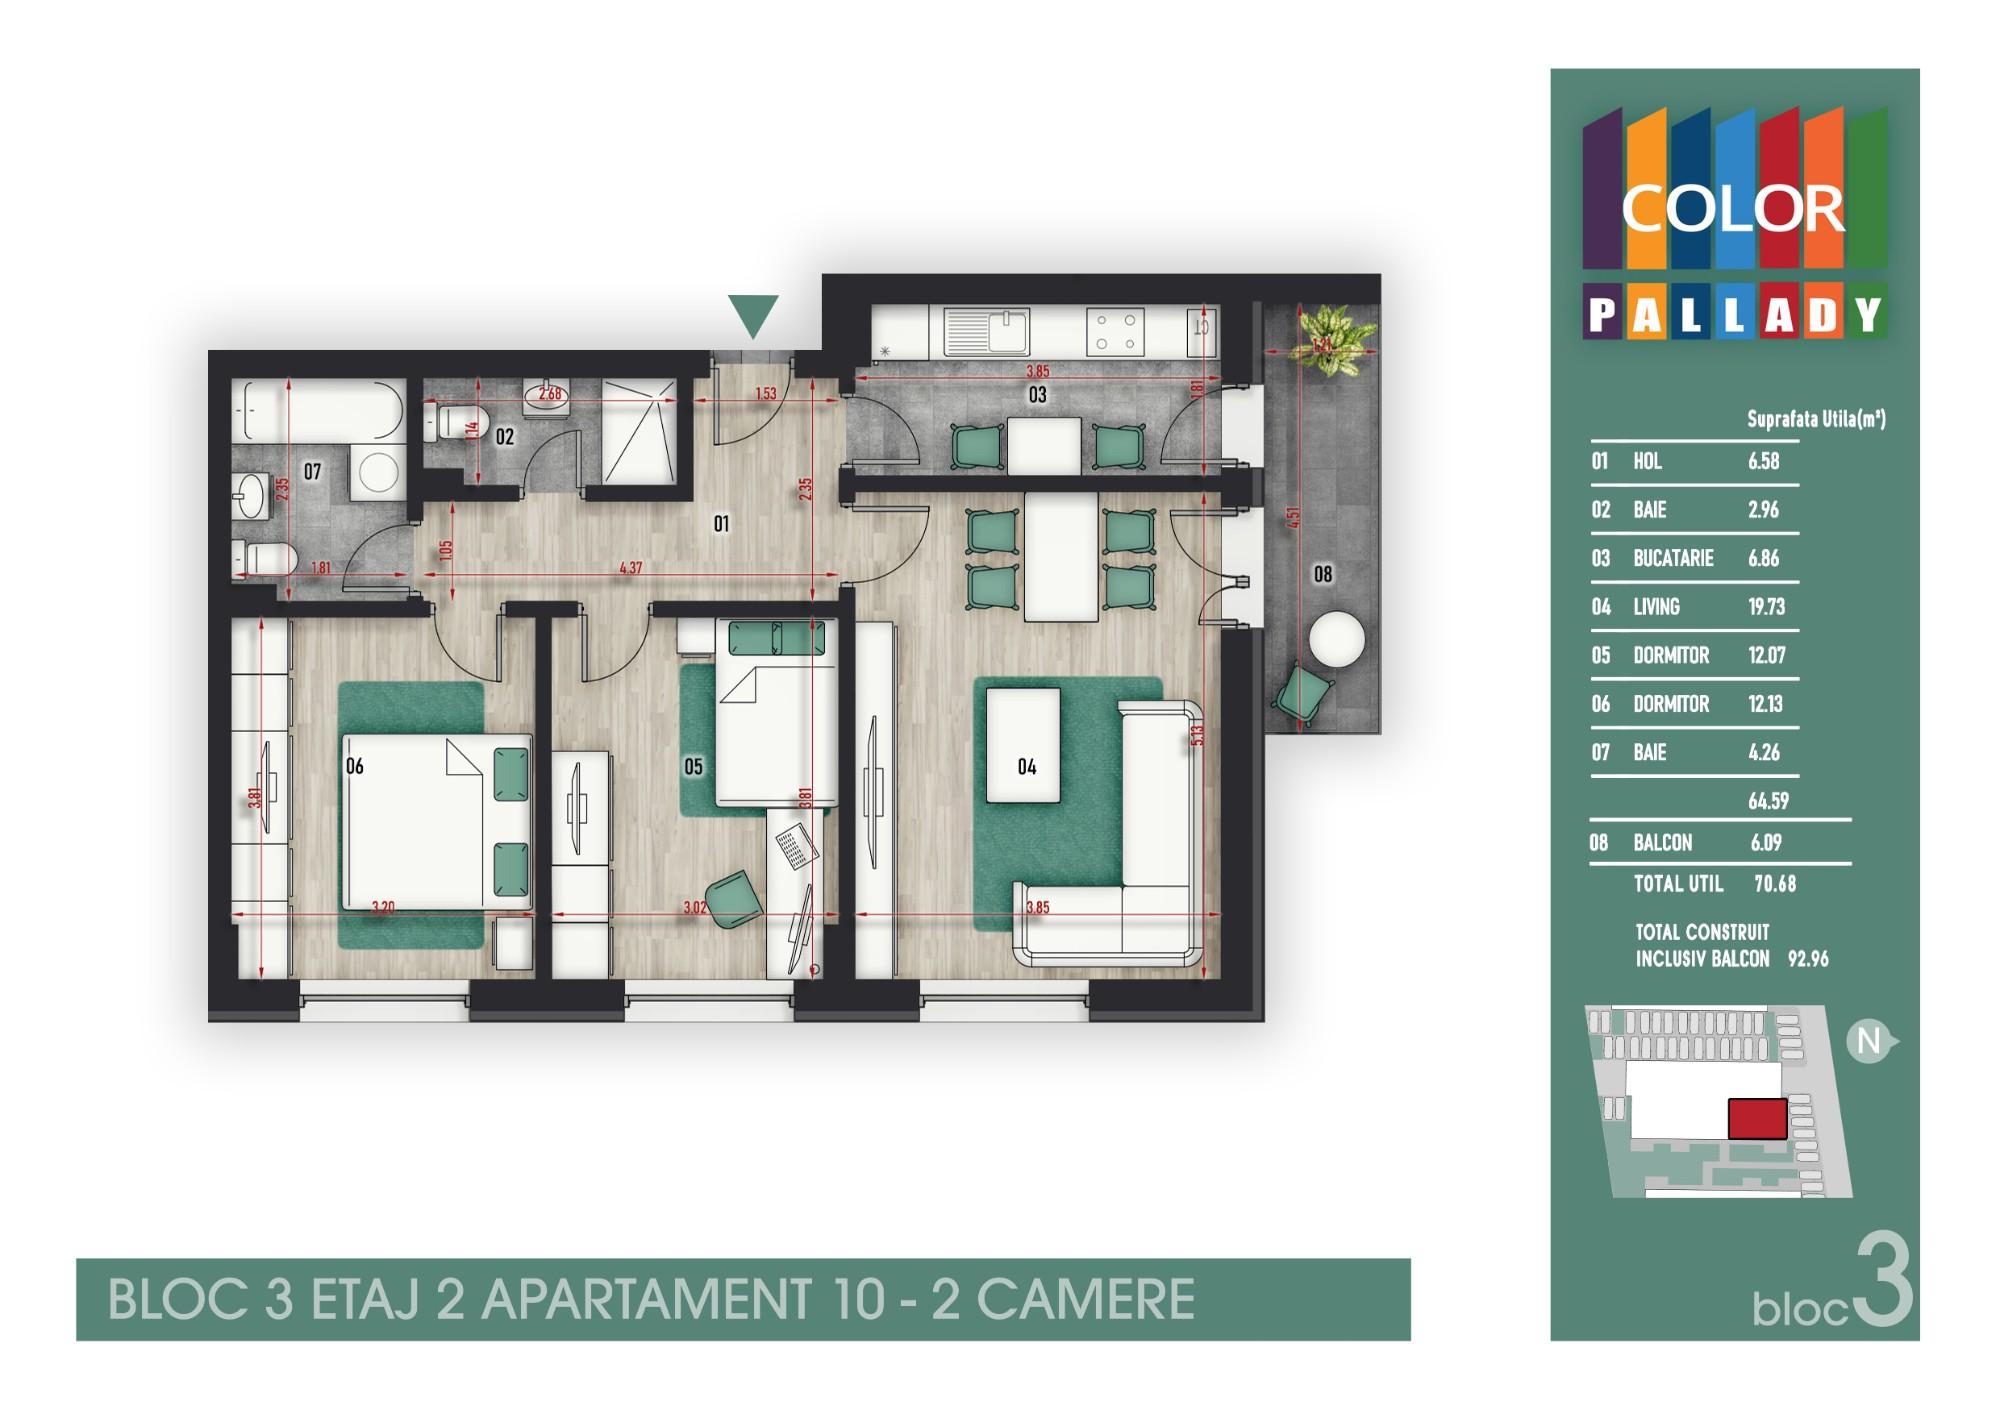 Bloc 3 - Etaj 2 - Apartament 10